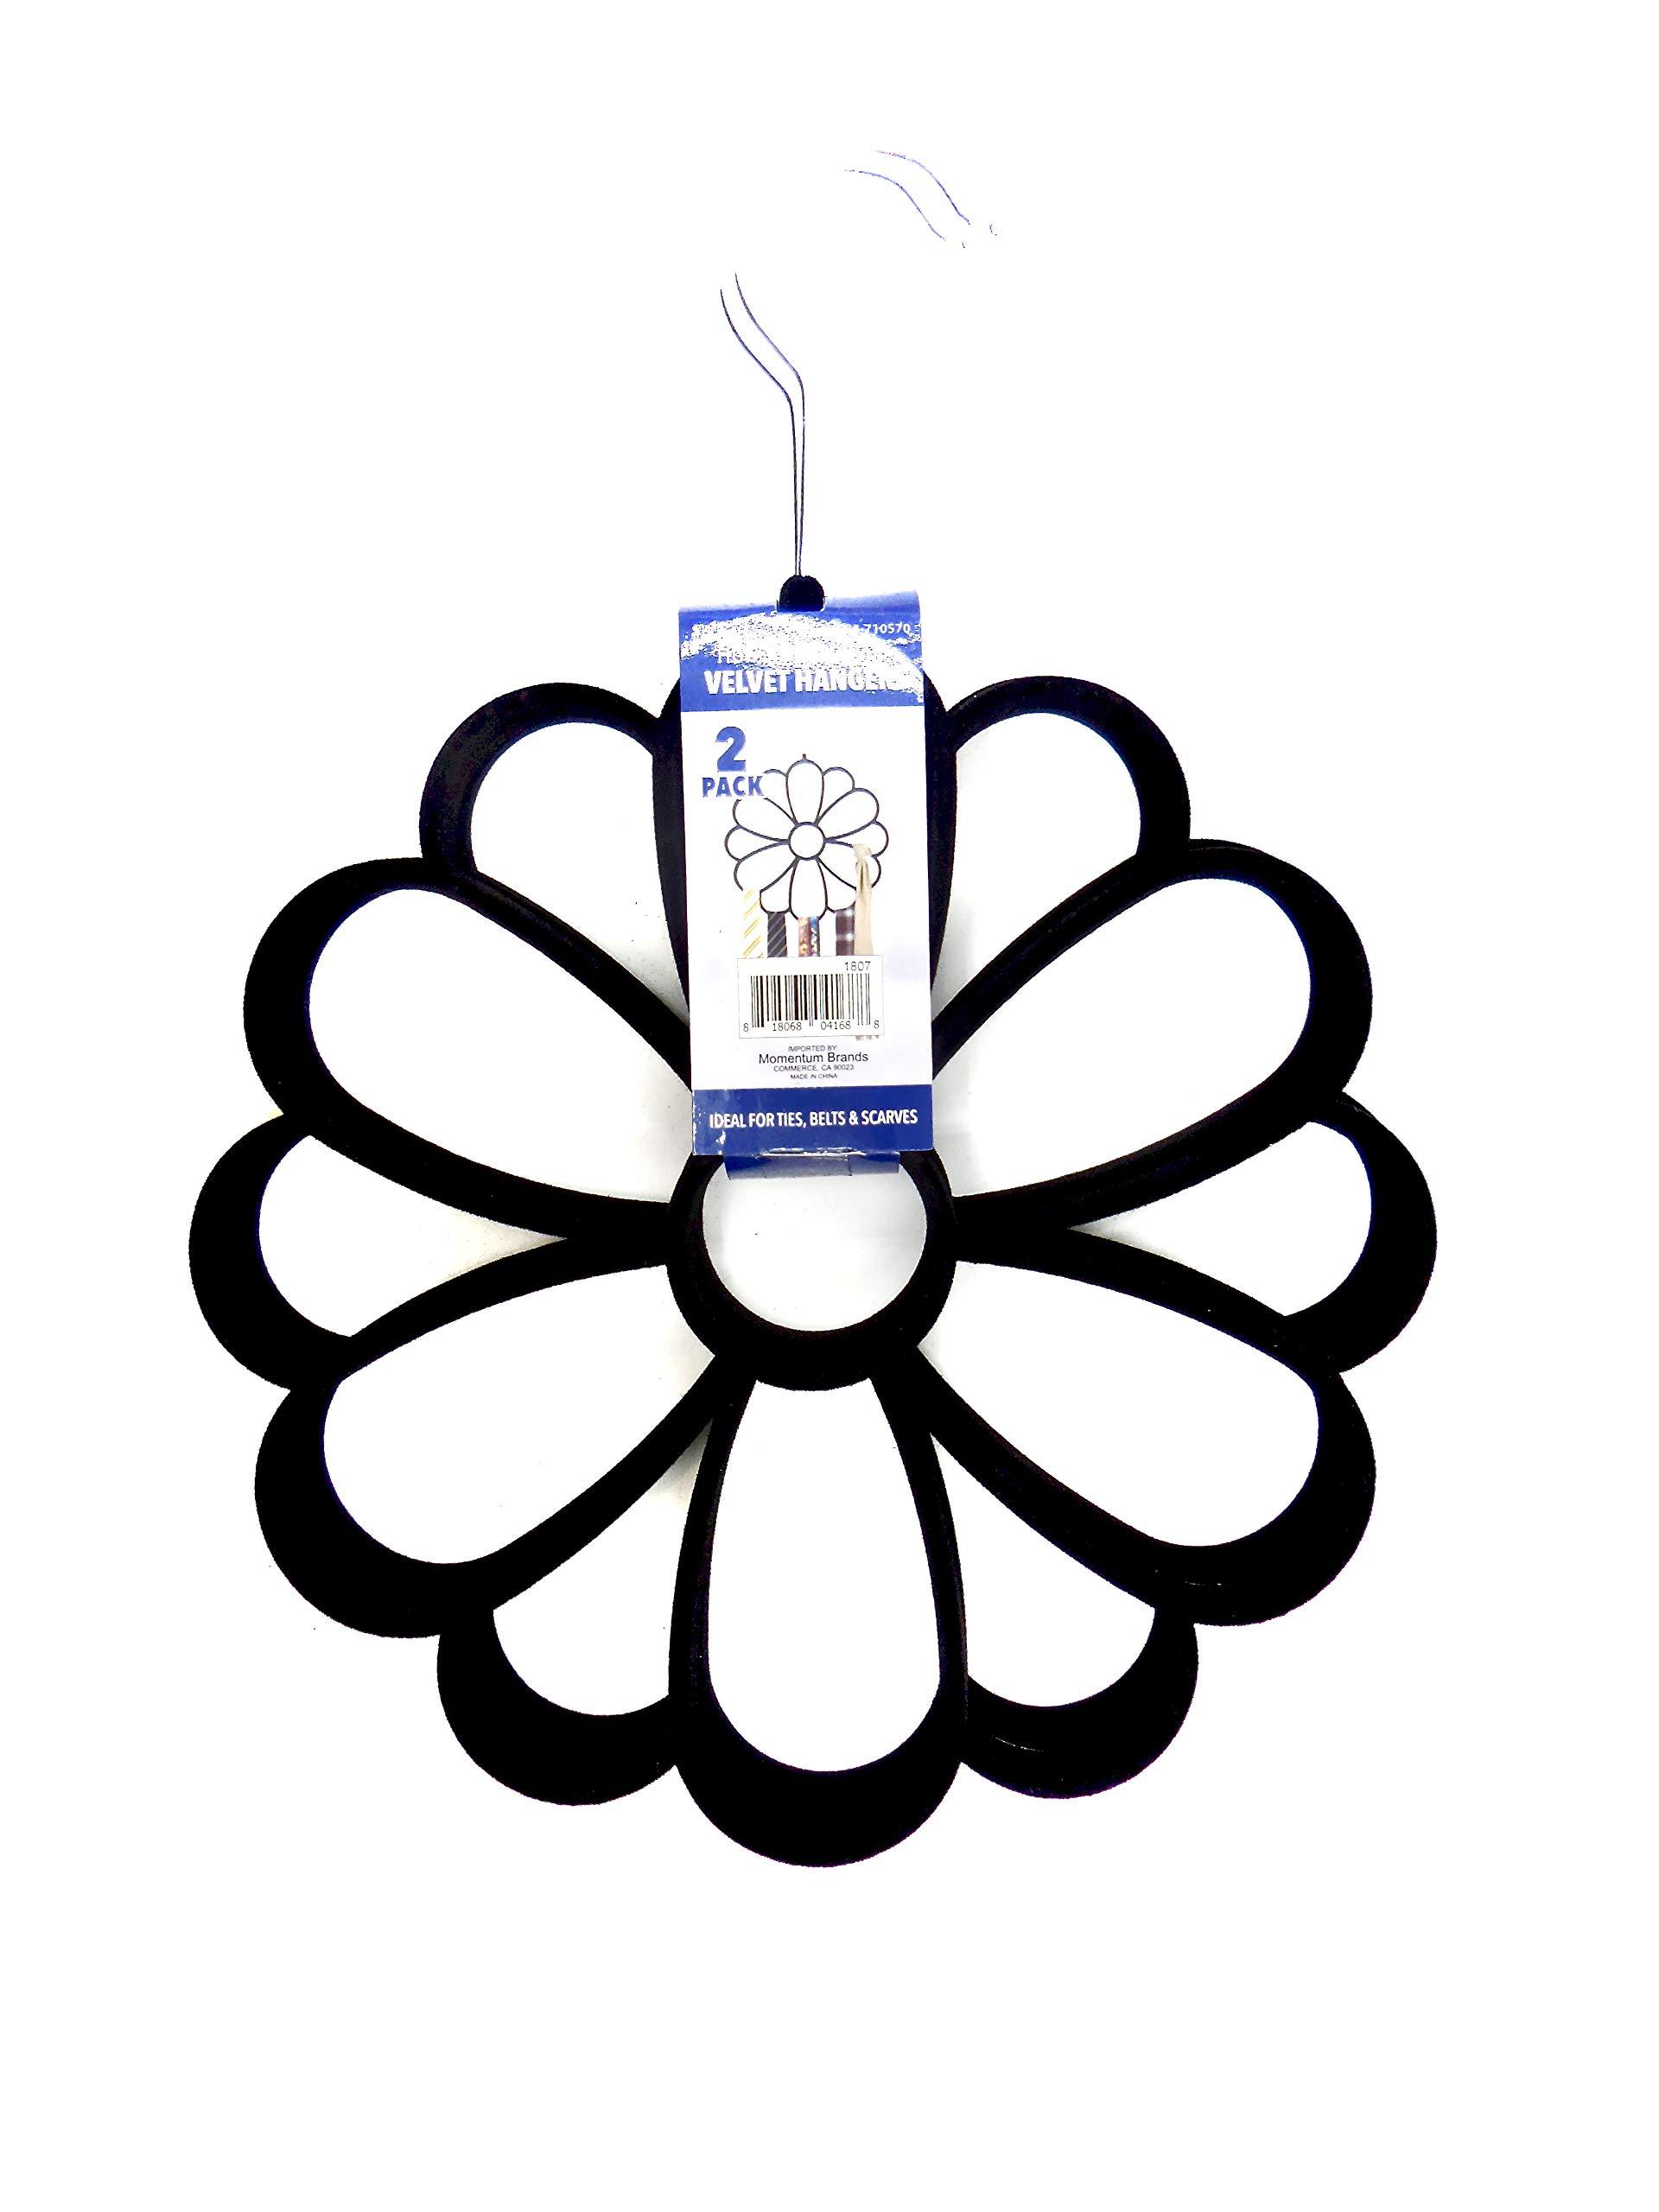 Velvet Scarf/Tie Hanger,2-Pk. Velvet,Silver Hook (Black) by Velvet Hanger